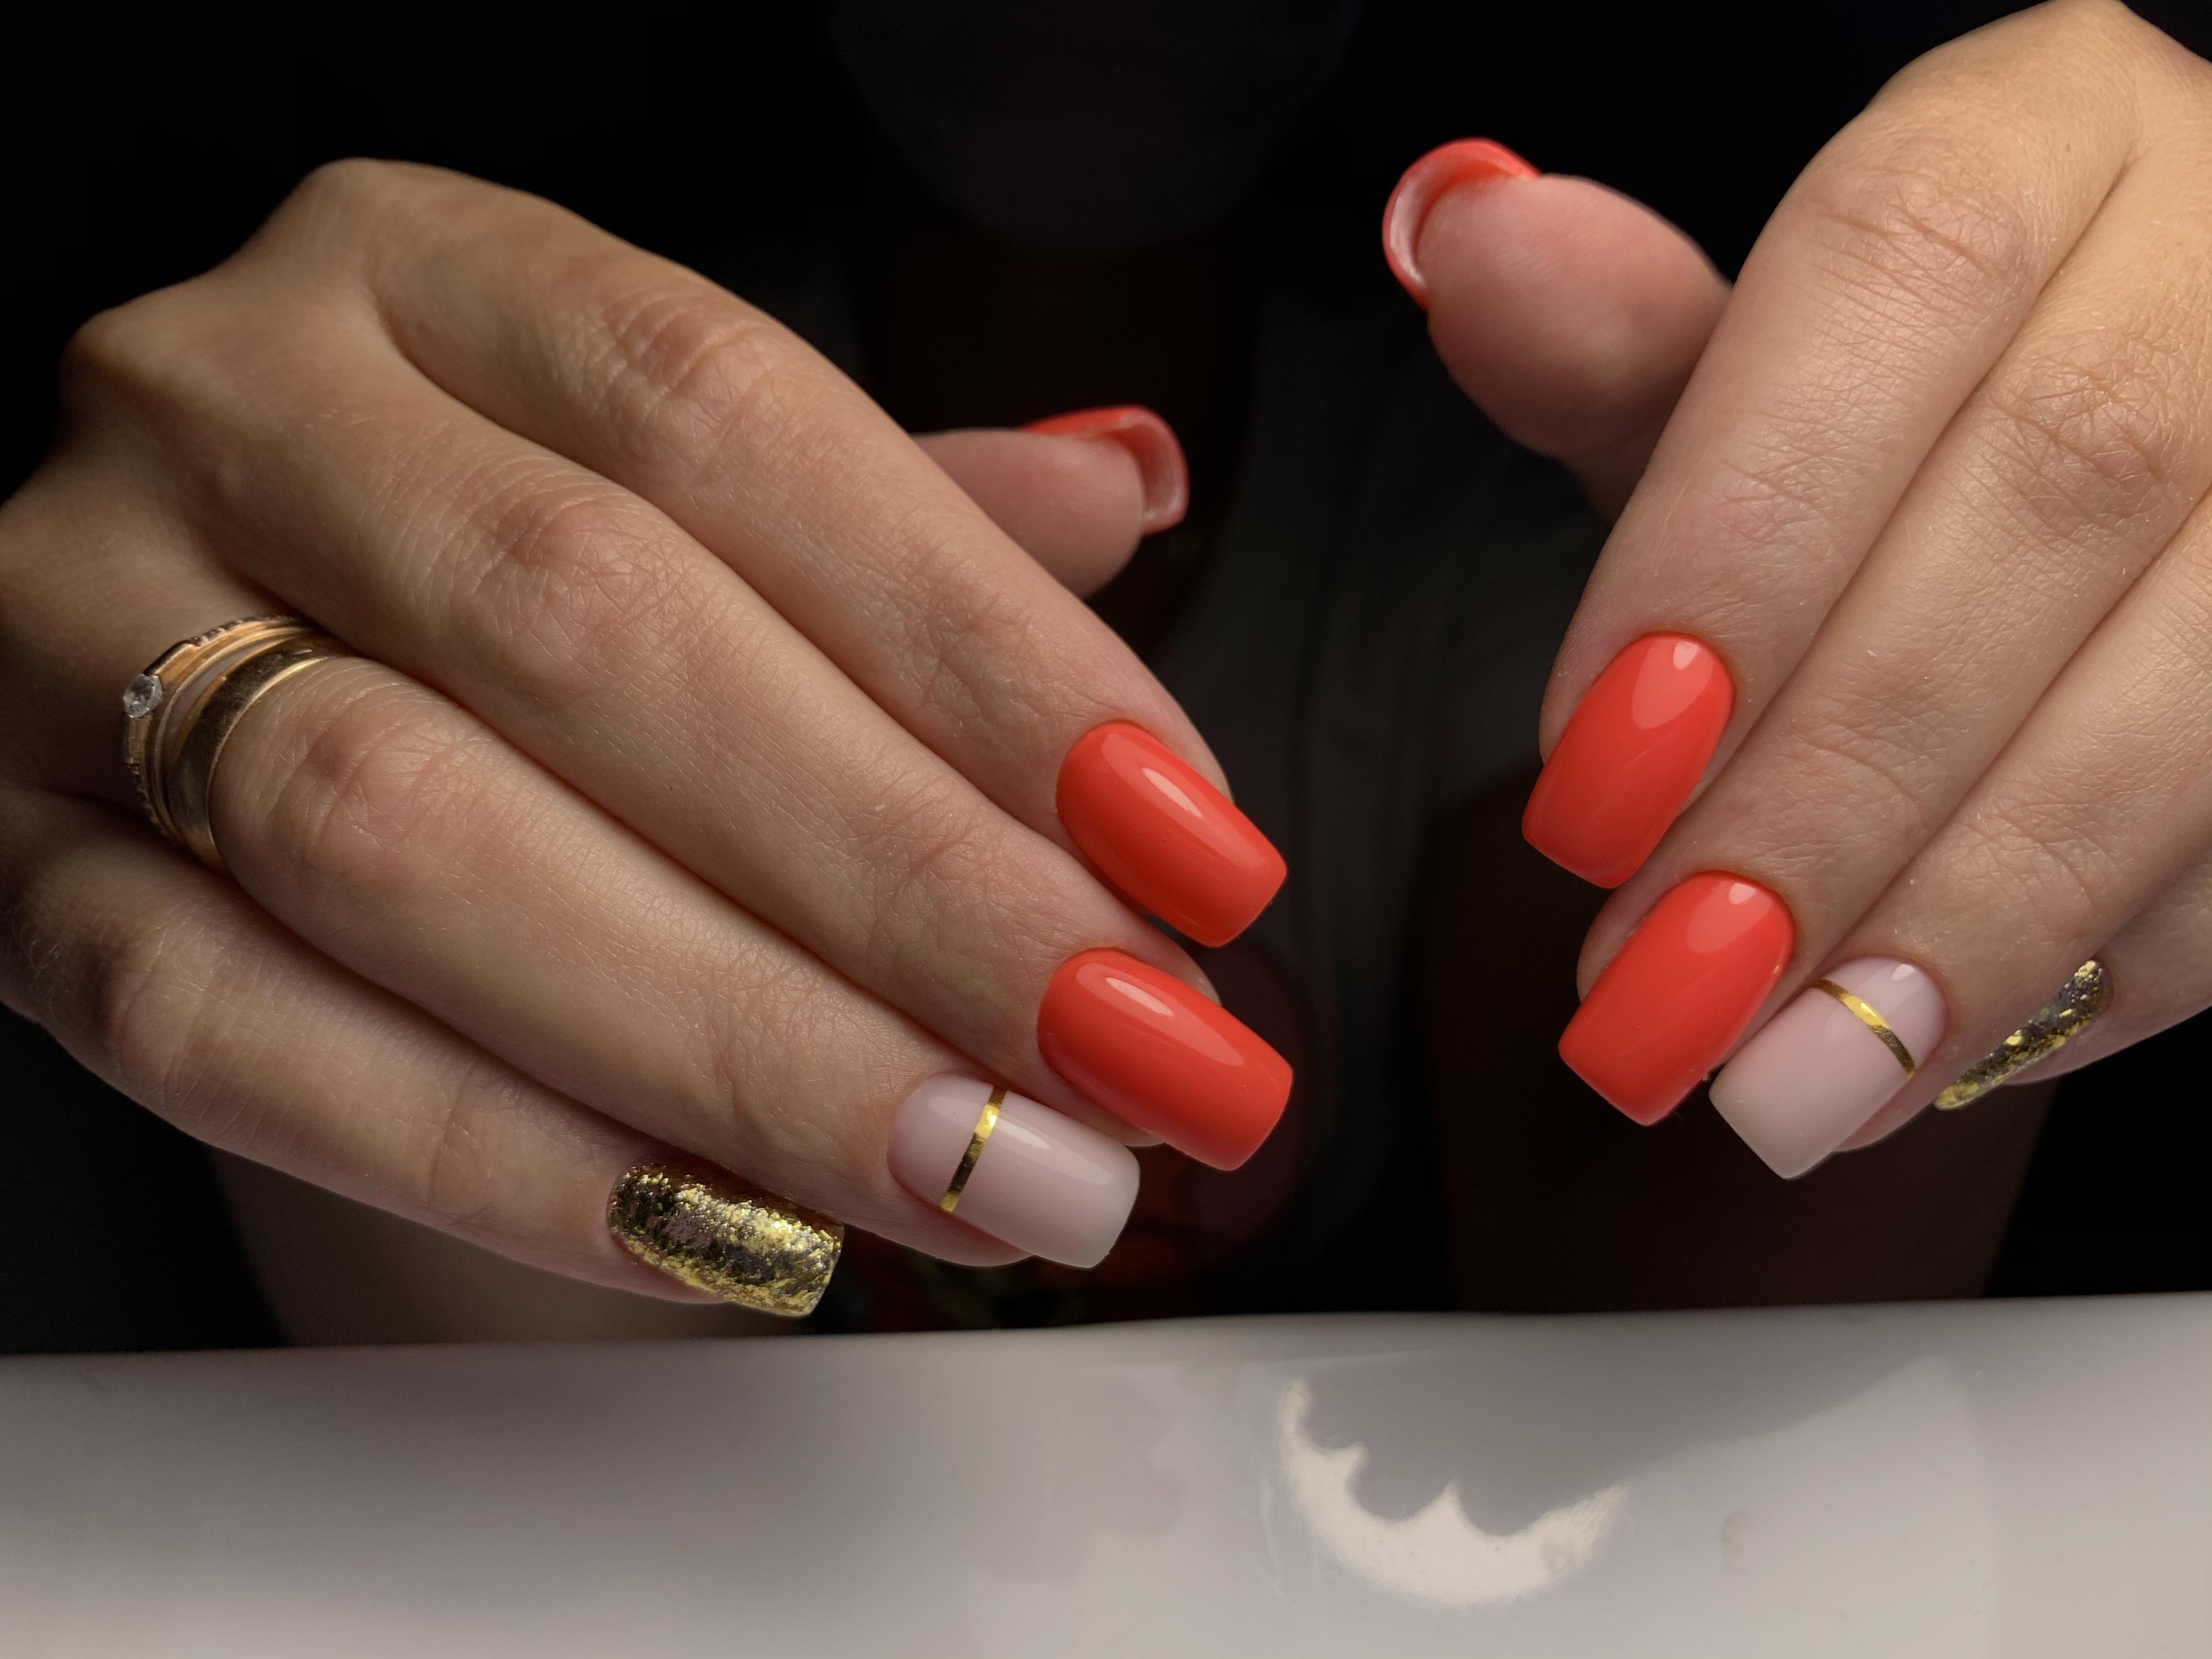 Маникюр с золотыми блестками и полосками в красном цвете на длинные ногти.